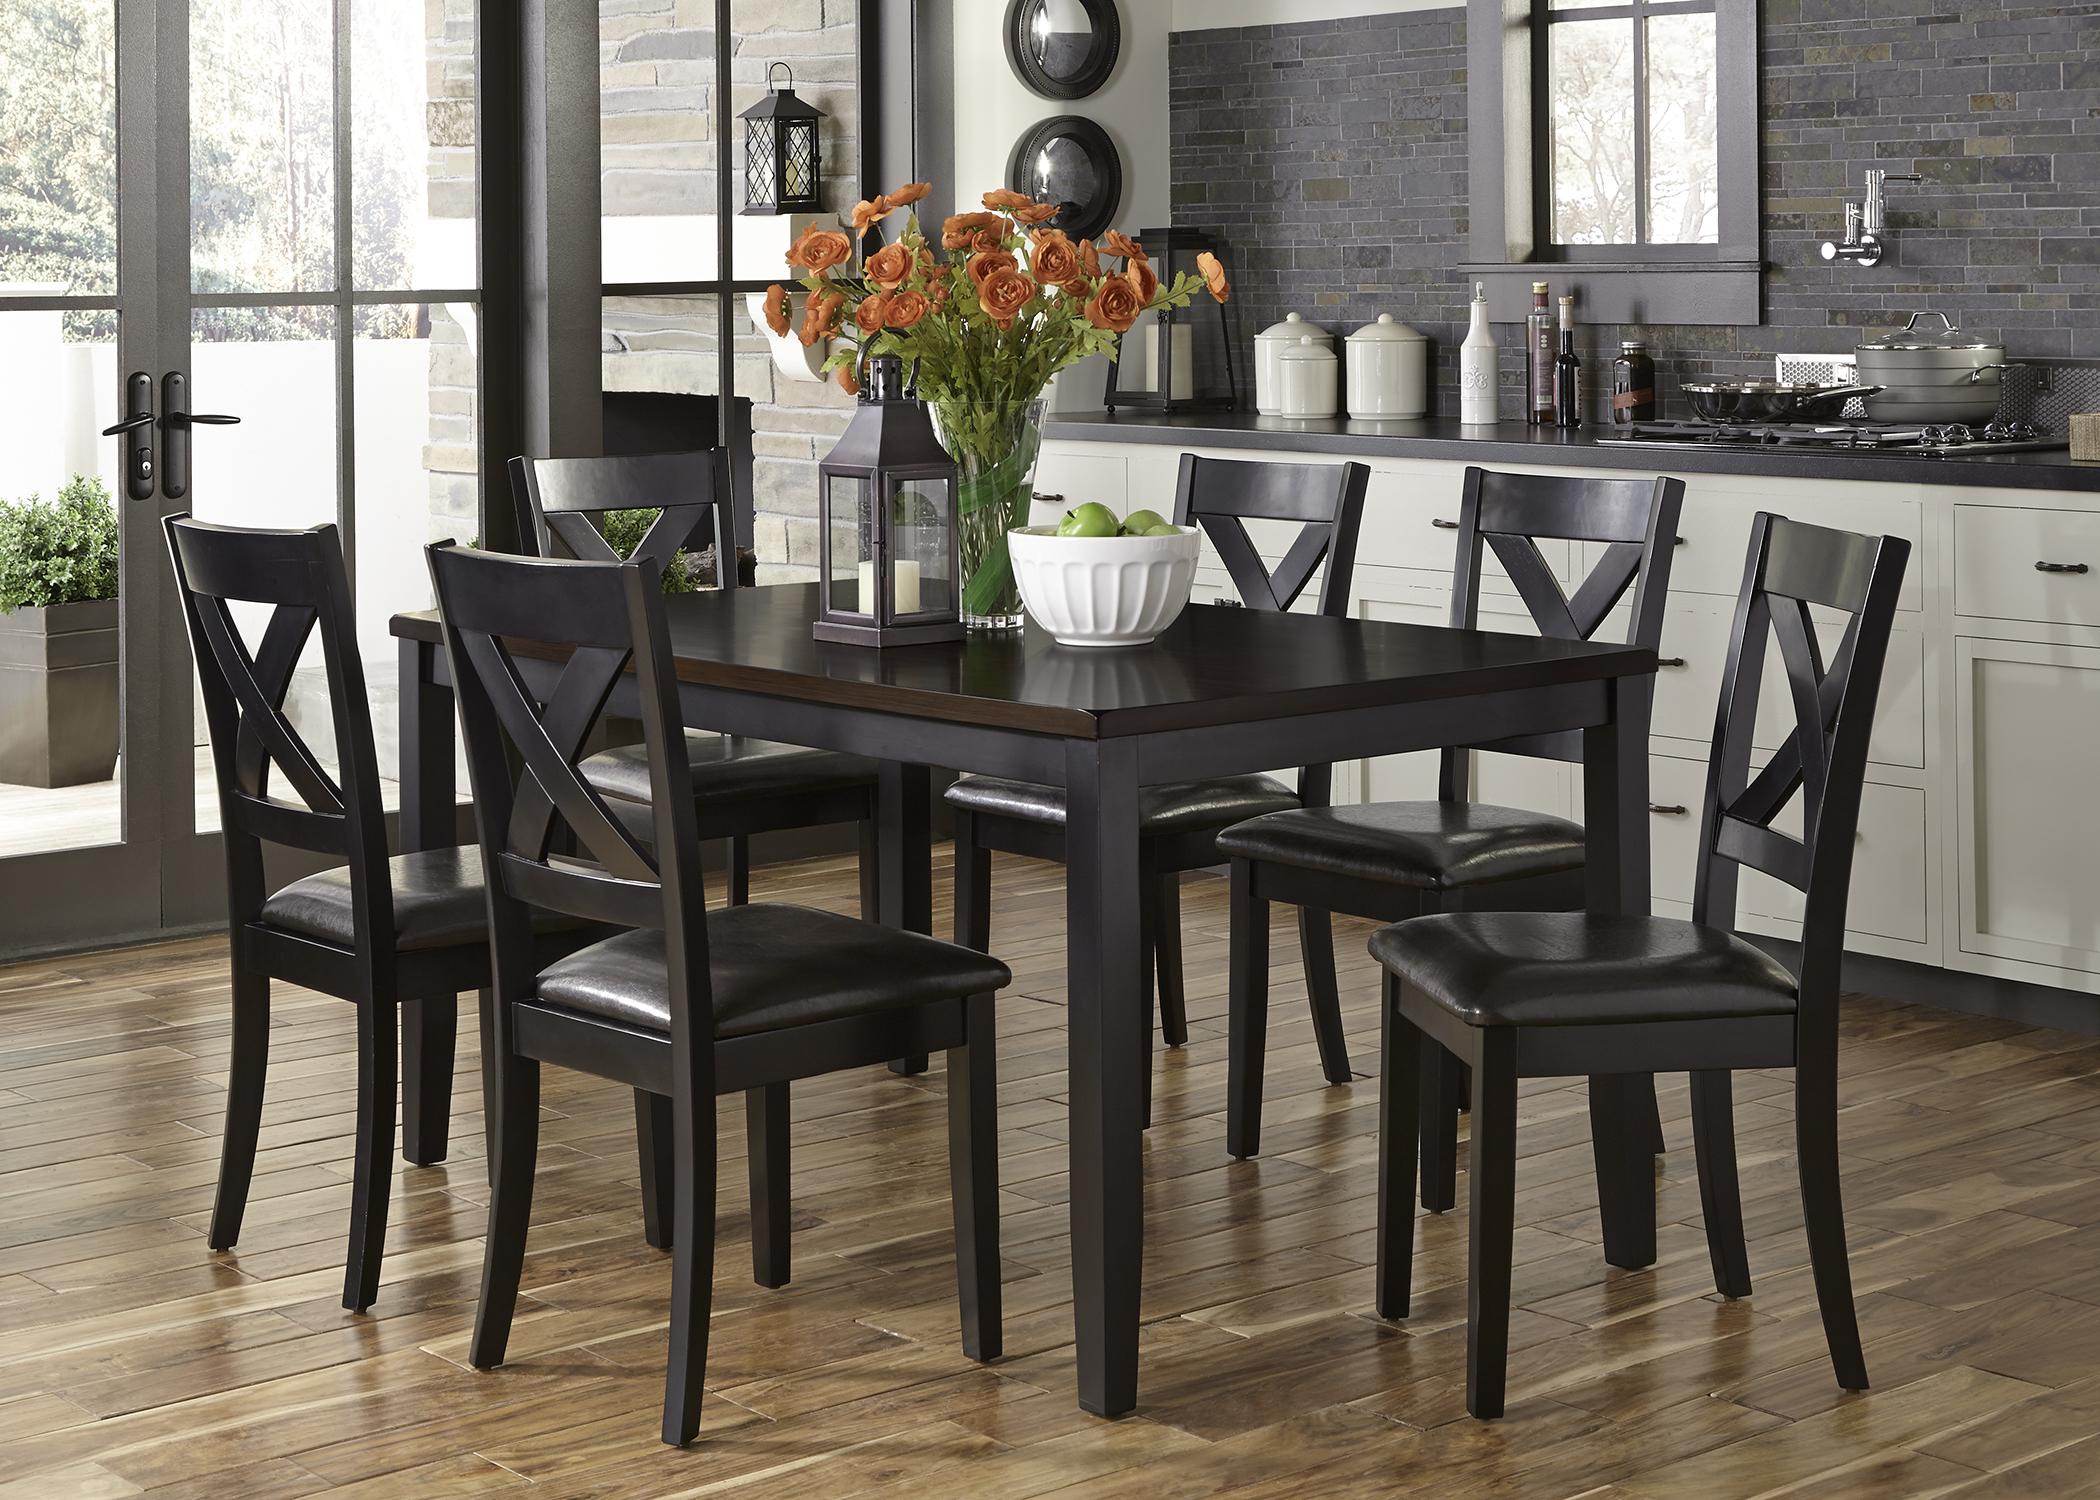 Liberty Furniture 7 Piece Rectangular Table Set